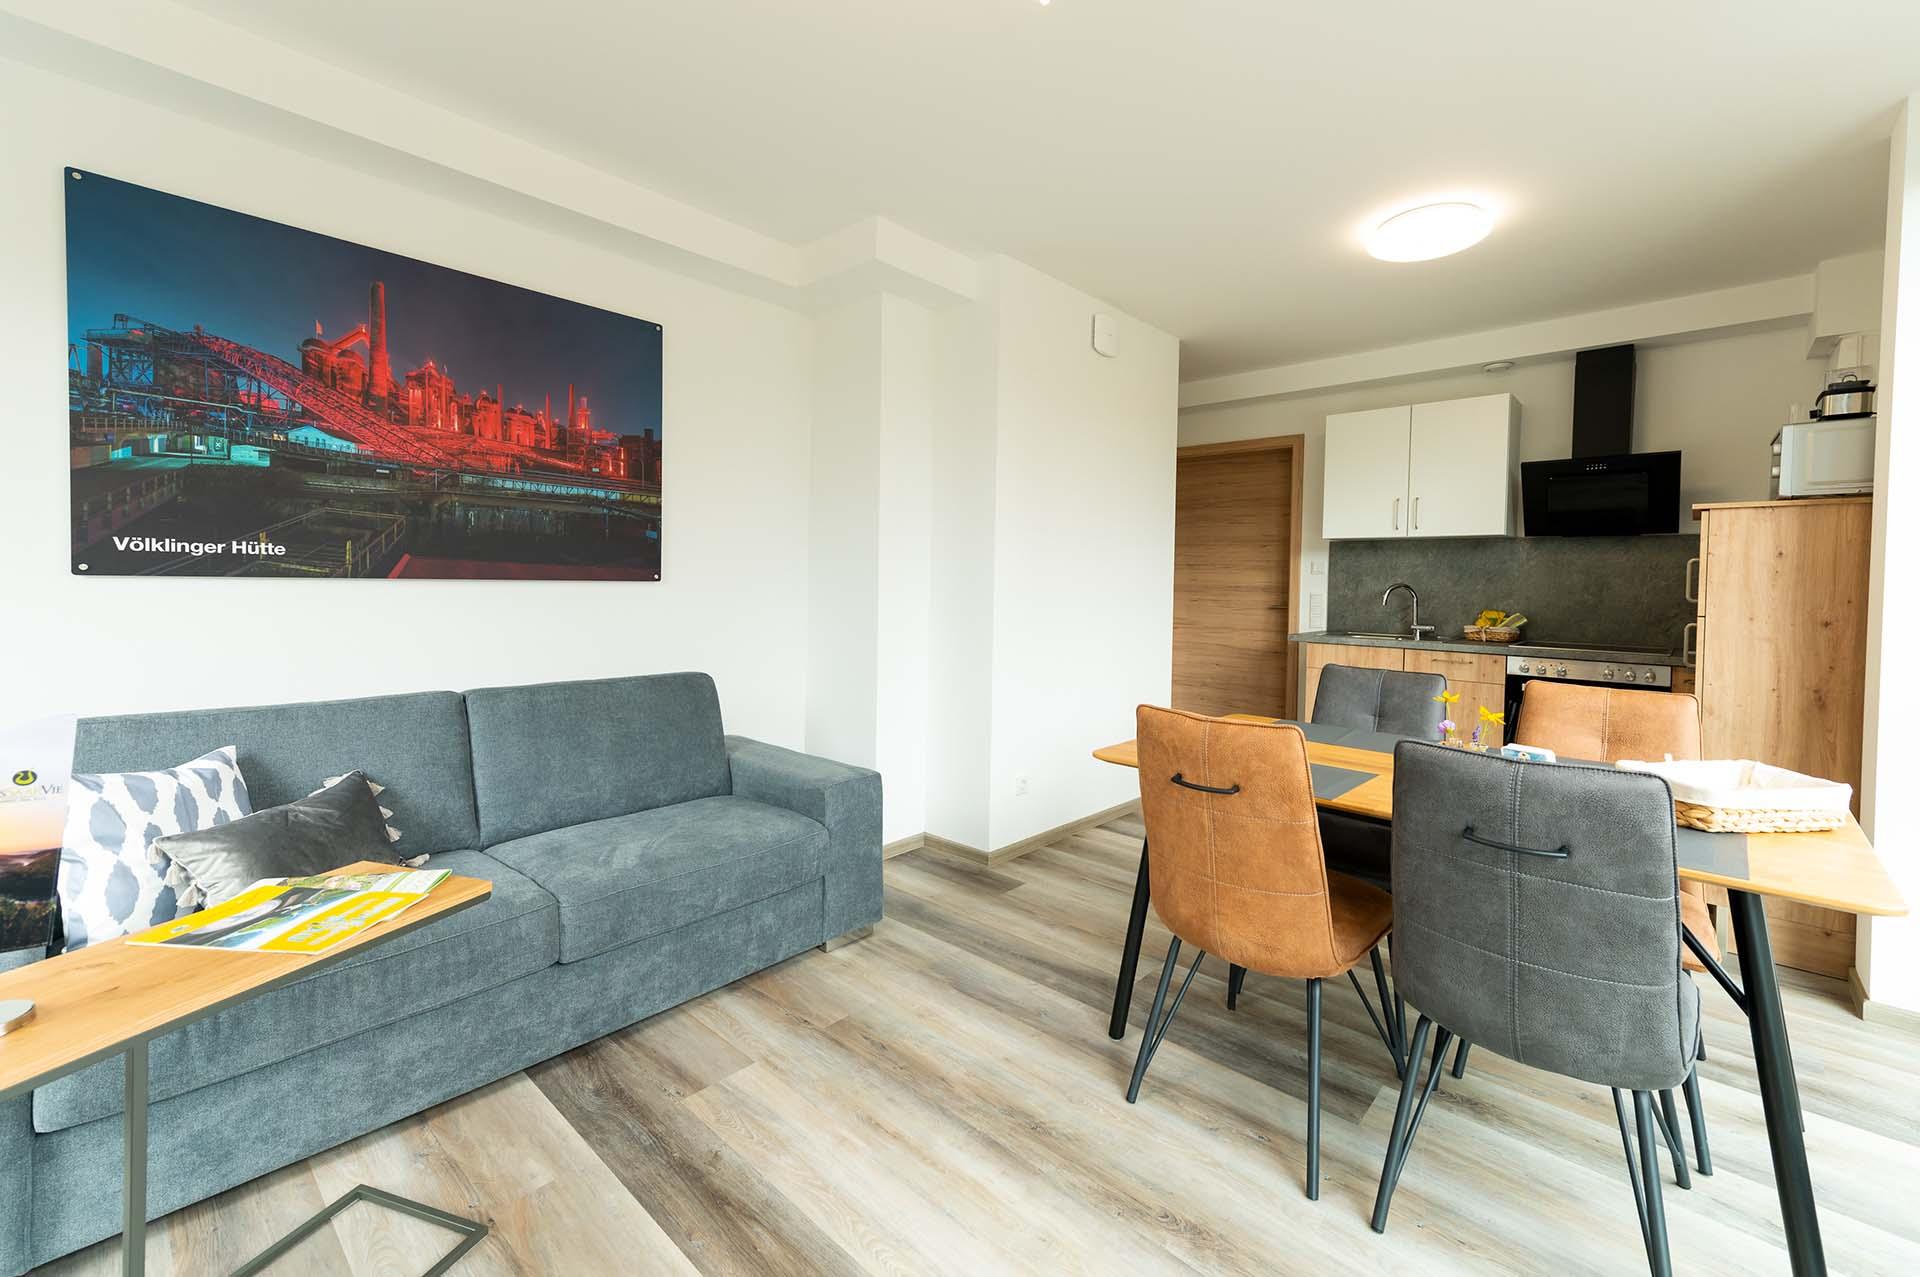 appartement-völklinger-hütte-wohnbereich-esszimmer